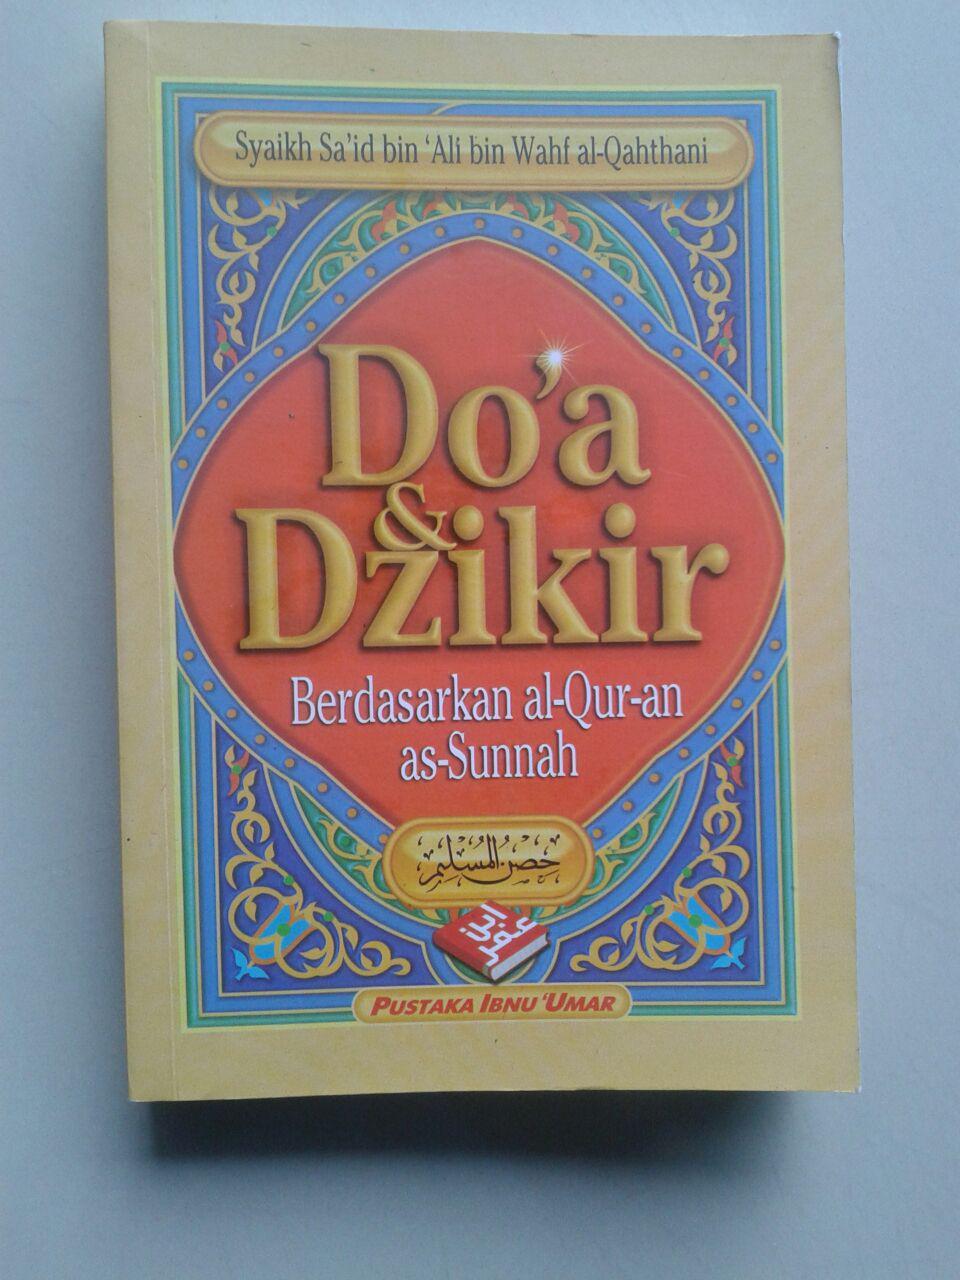 Buku Doa & Dzikir Berdasarkan al-Quran dan as-Sunnah cover 2